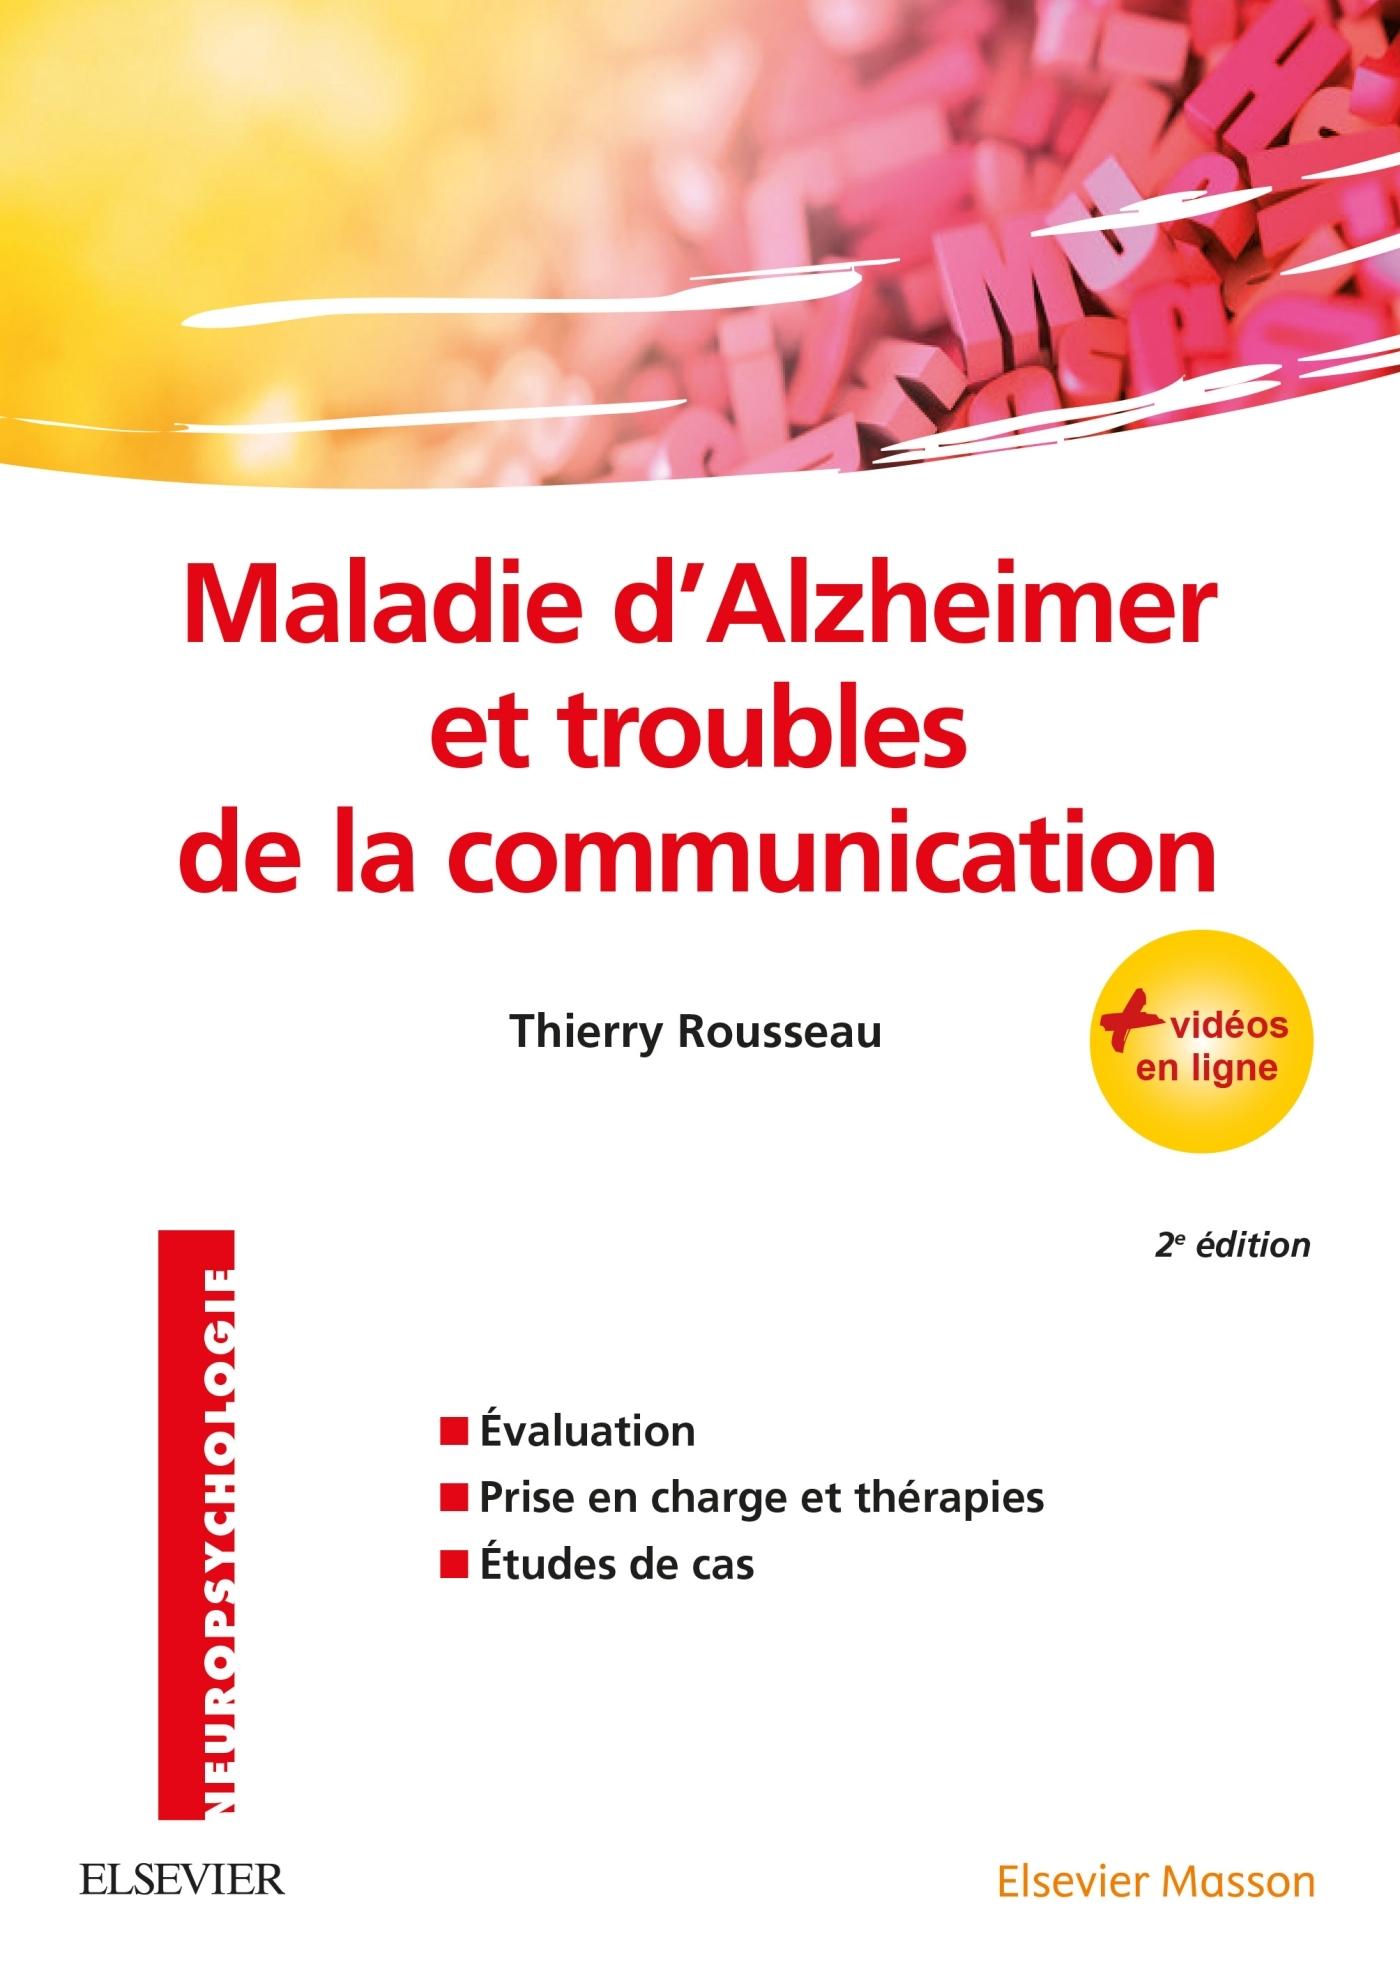 MALADIE D'ALZHEIMER ET TROUBLES DE LA COMMUNICATION